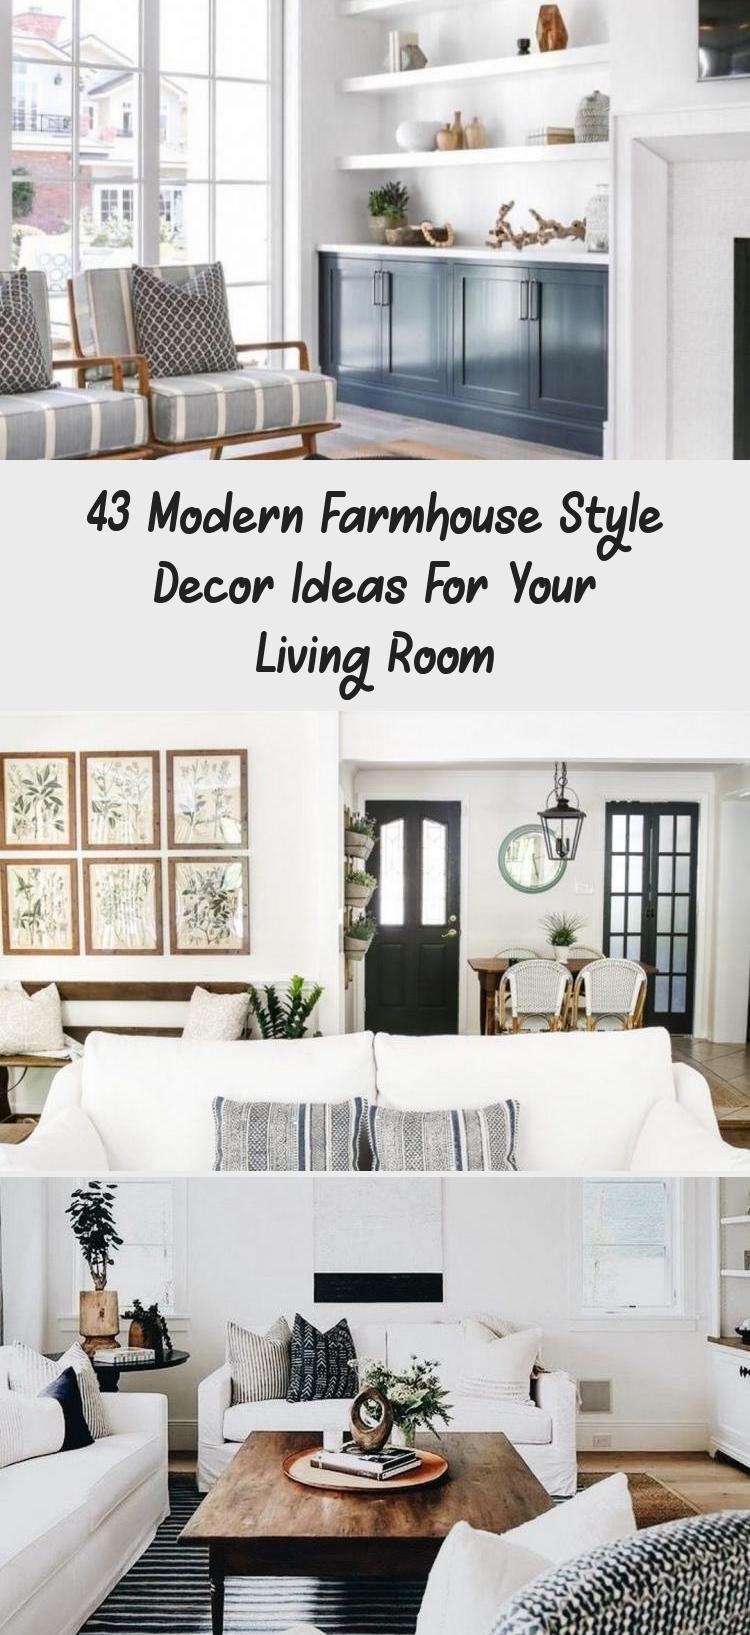 43 Modern Farmhouse Style Decor Ideas For Your Living Room Decor In 2020 Farmhouse Style Decorating Modern Farmhouse Style Modern Farmhouse